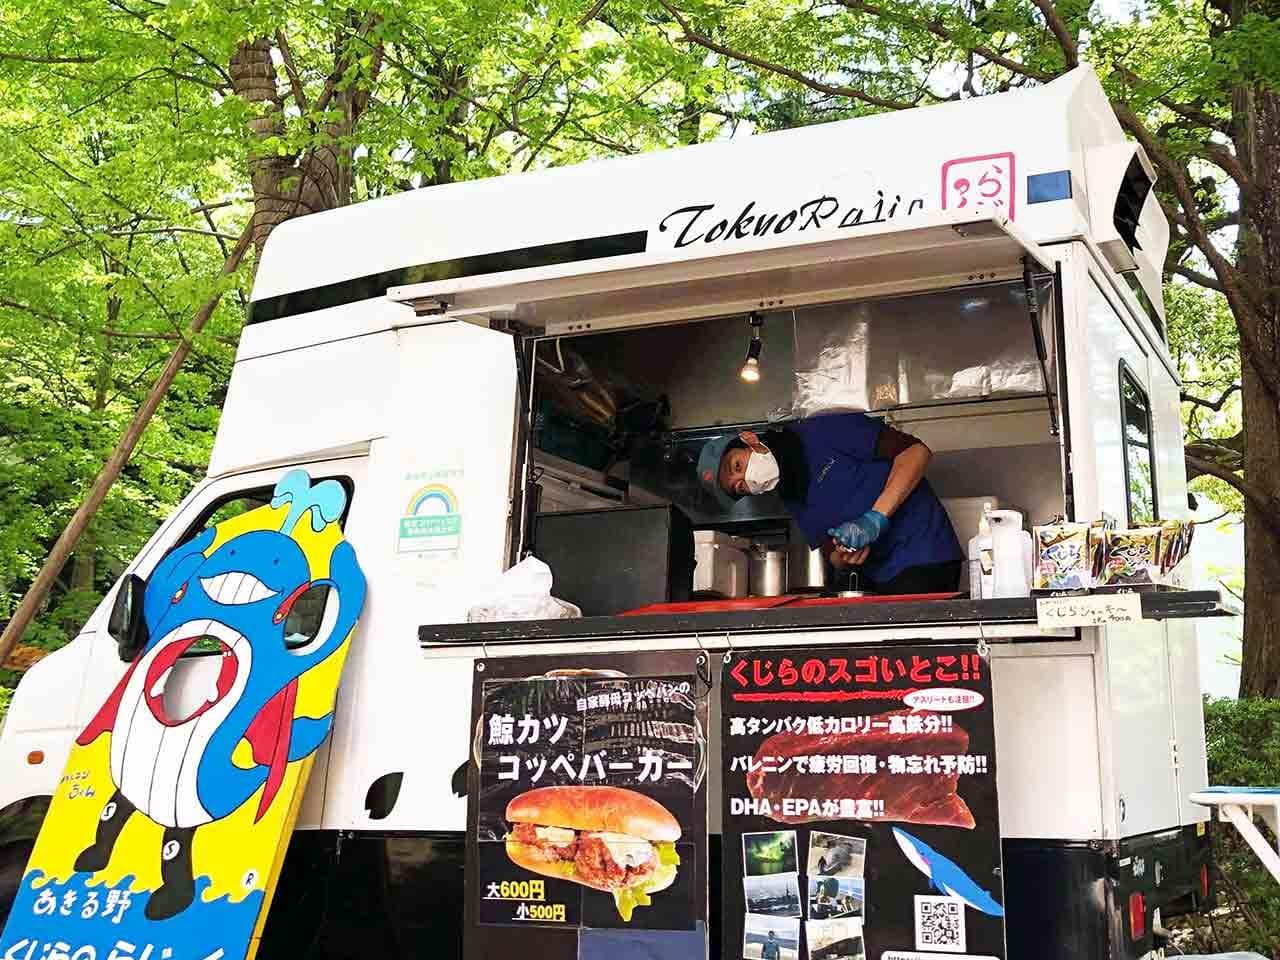 くじら料理のキッチンカーがやってくる!9月24日はJ Smile FOODS MARKET横に集合!